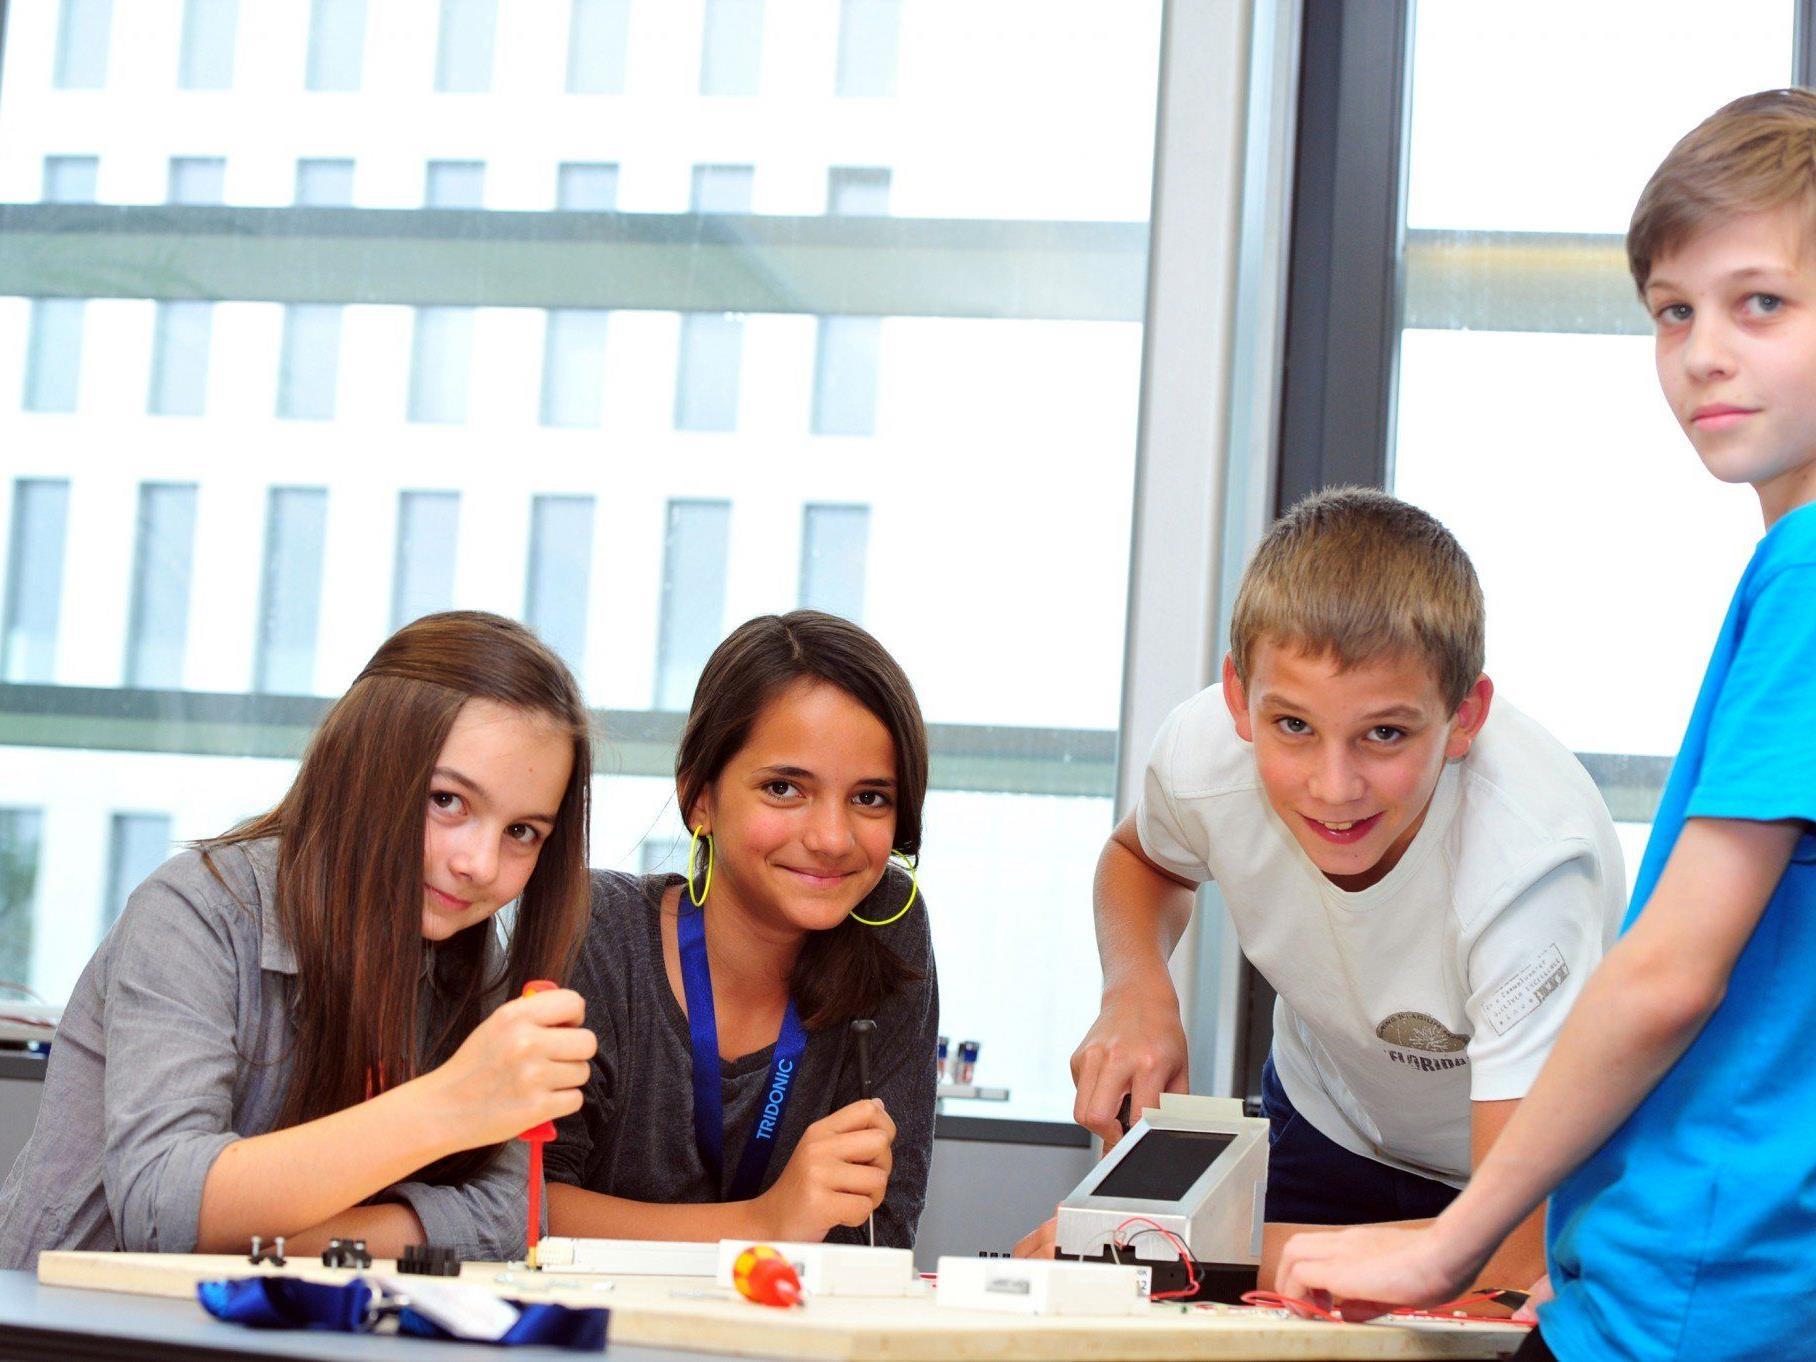 Beim Vorarlberger Zukunftstag werden wieder über 1000 Schüler/innen erwartet